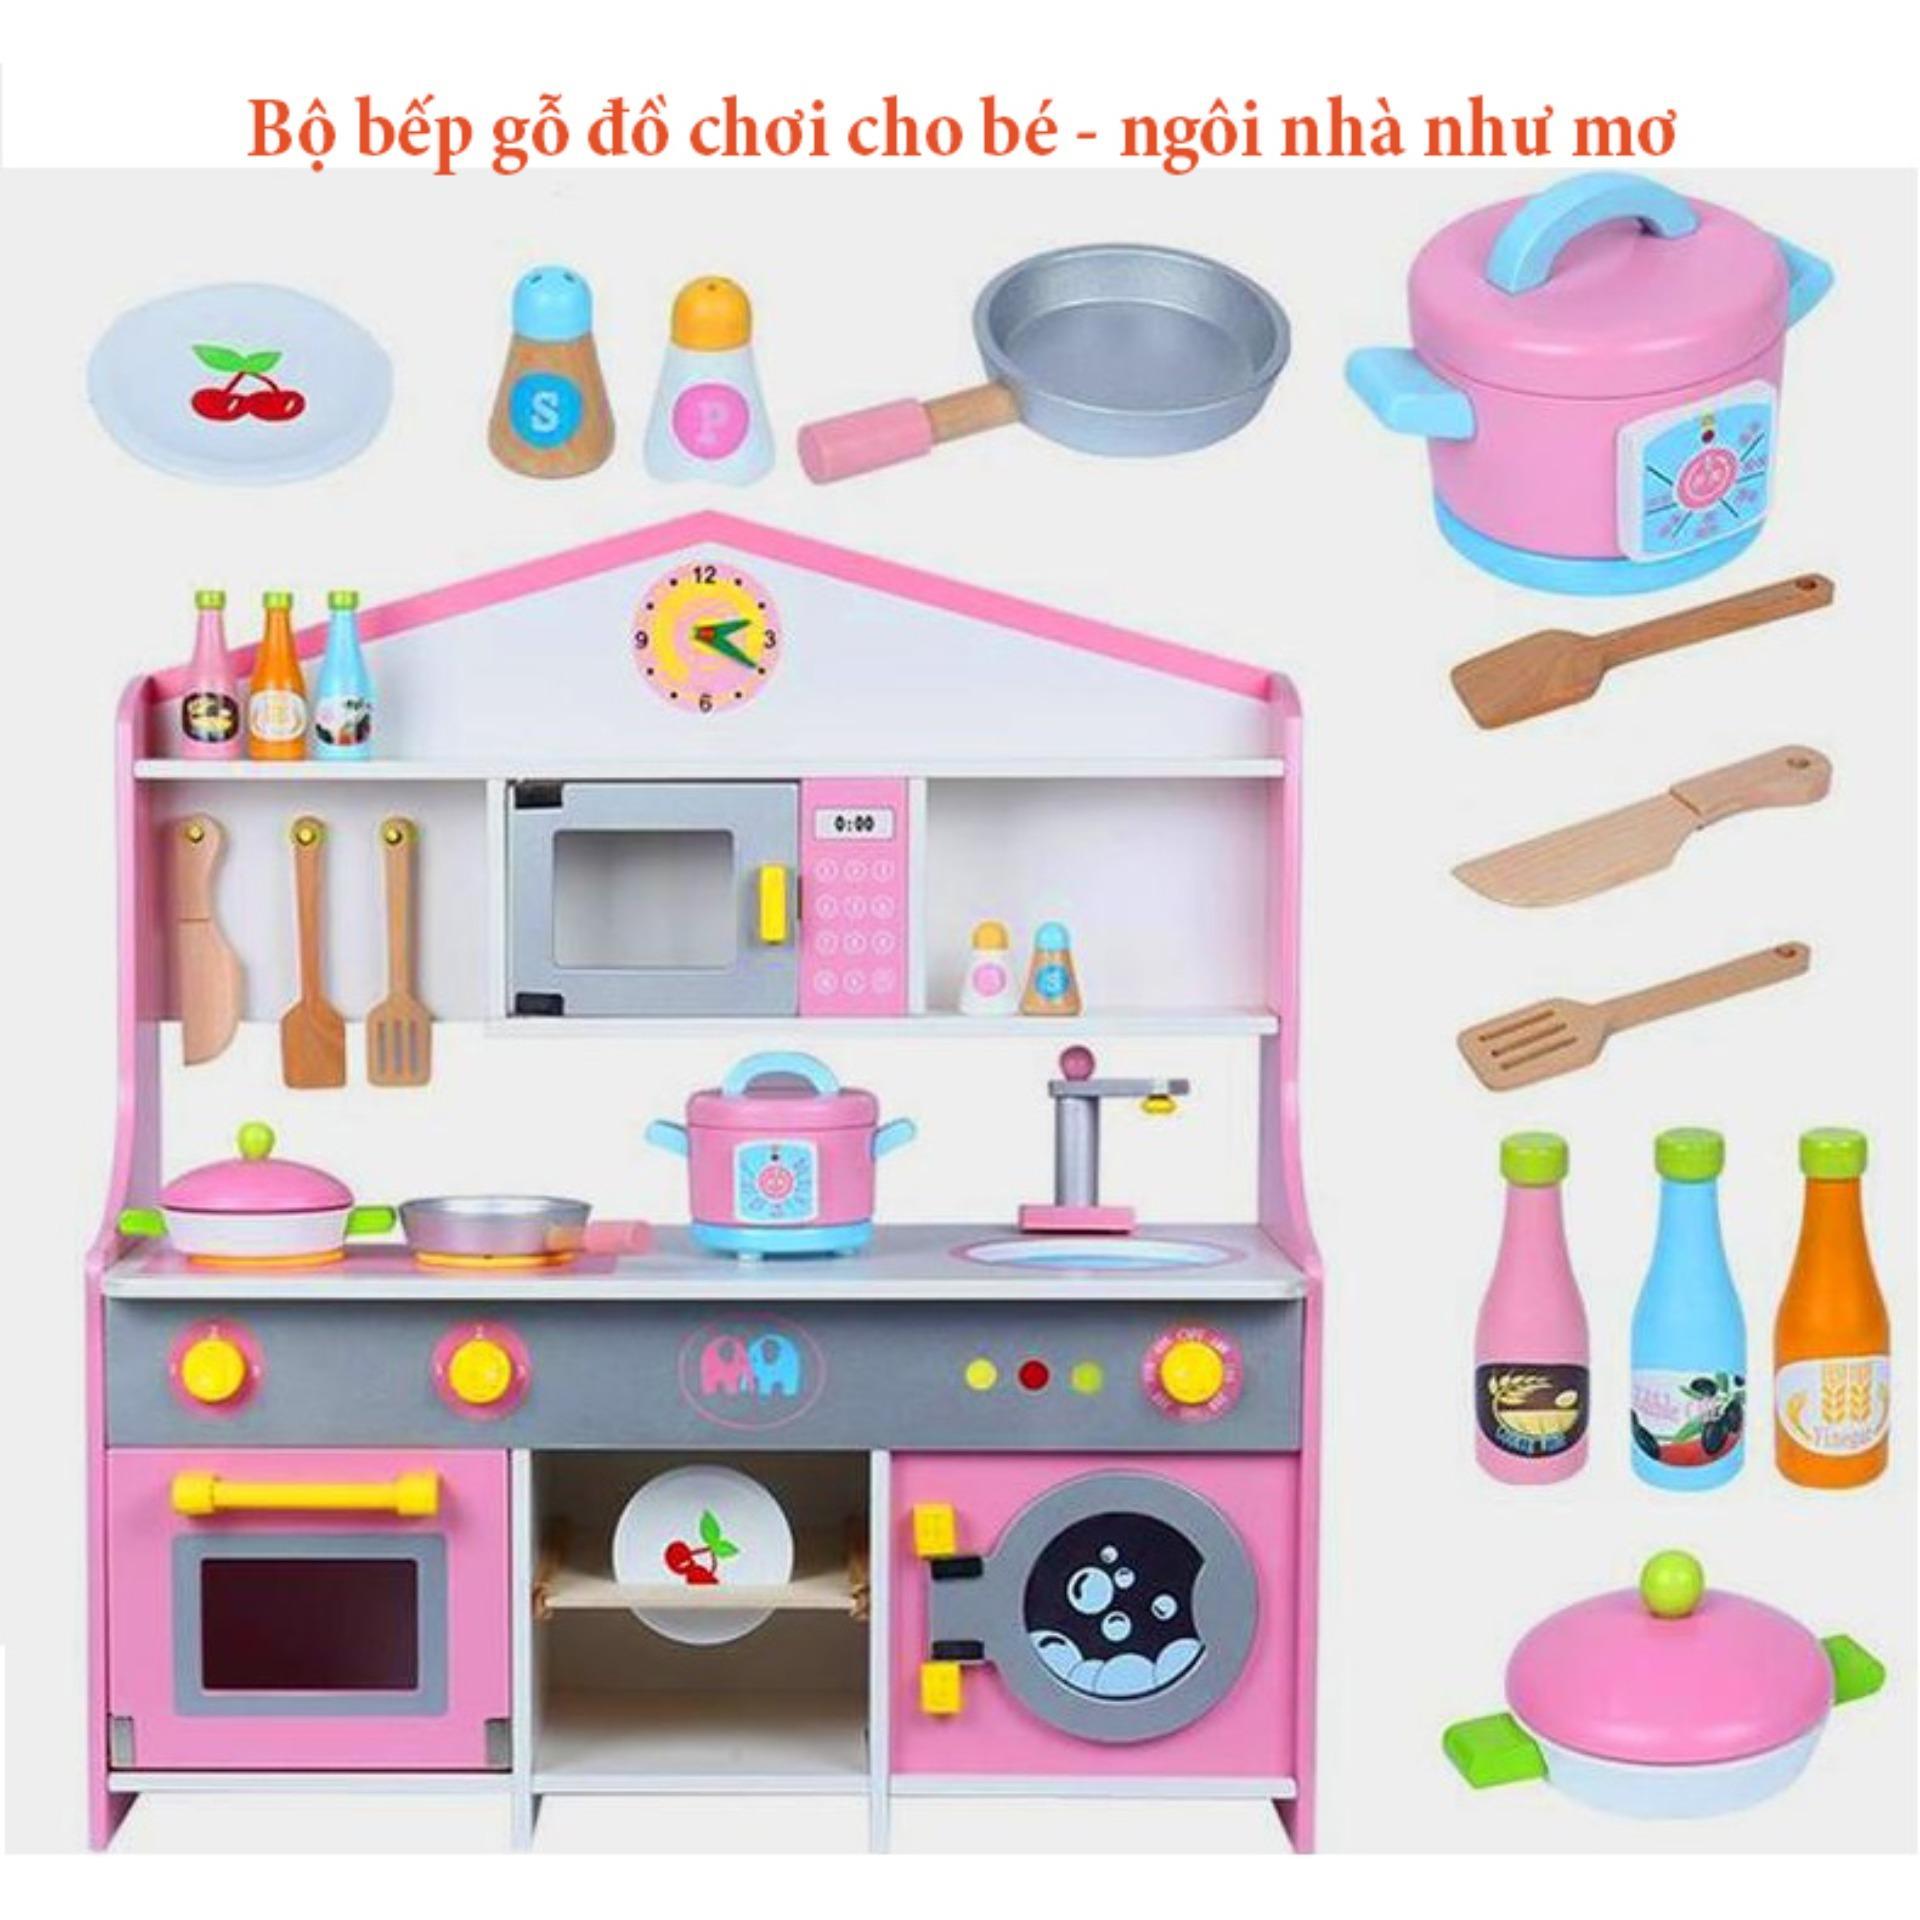 Bộ bếp gỗ đồ chơi cho bé - ngôi nhà như mơ - Căn bếp như mơ - Chất liệu gỗ hoàn toàn thân thiện ( loại 72CM) giá giảm sâu sàn